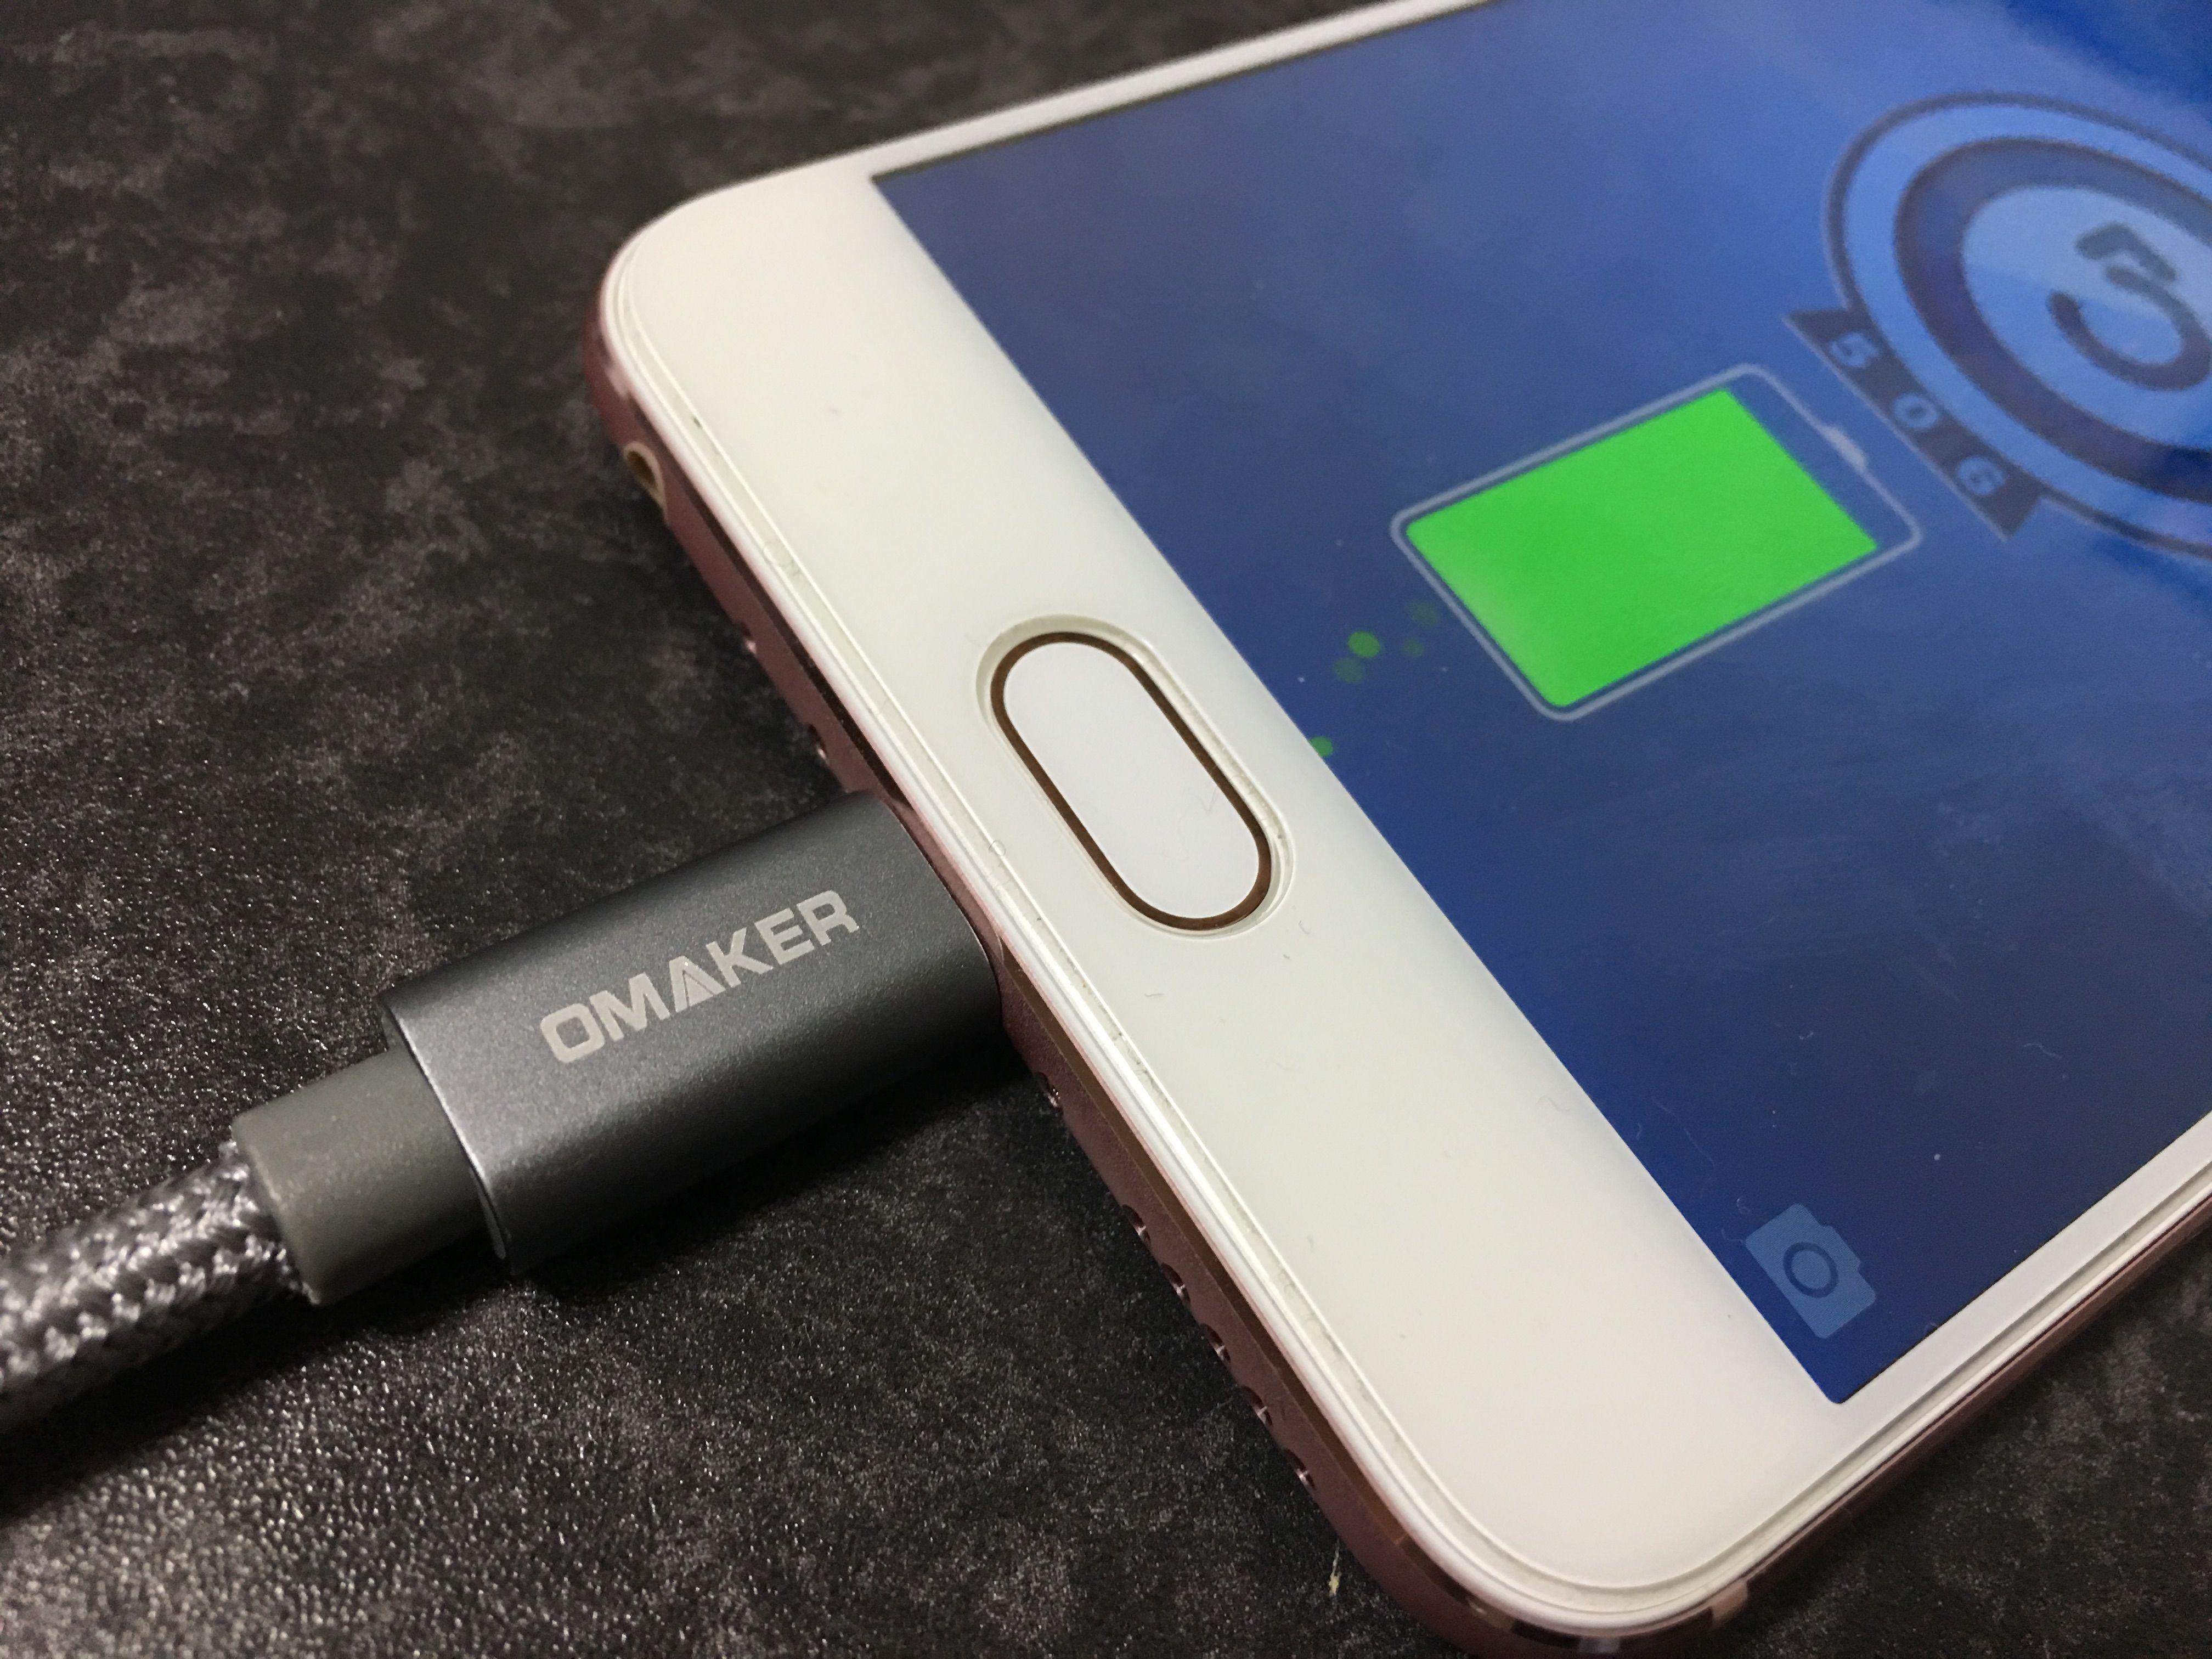 OmakerのUSB type-c 充電ケーブルのレビュー!非常に頑丈な作りで、無理をしても安心